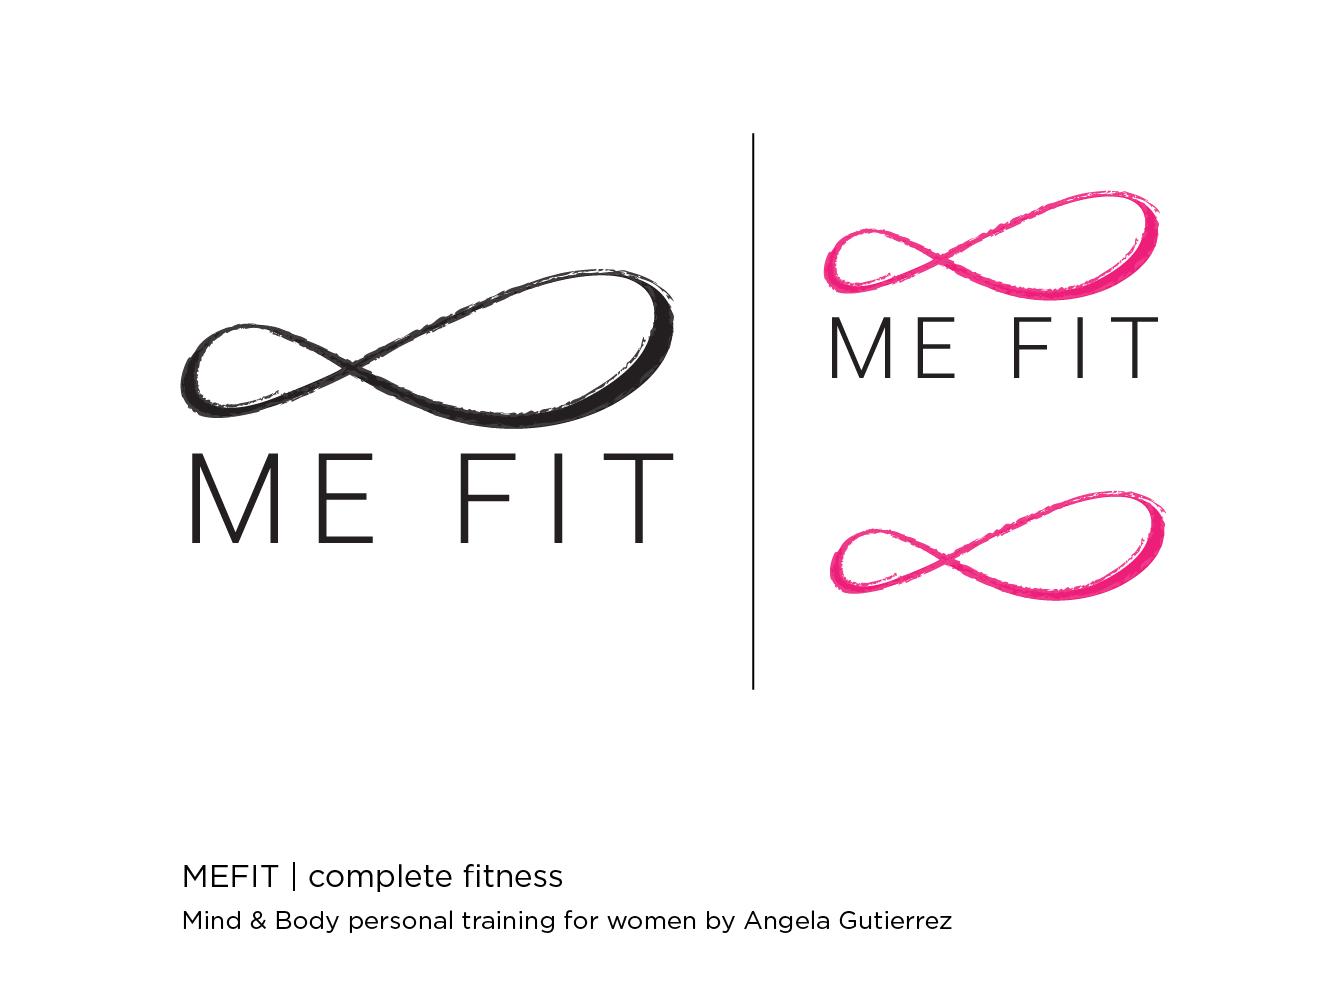 mefit_logo-01.jpg